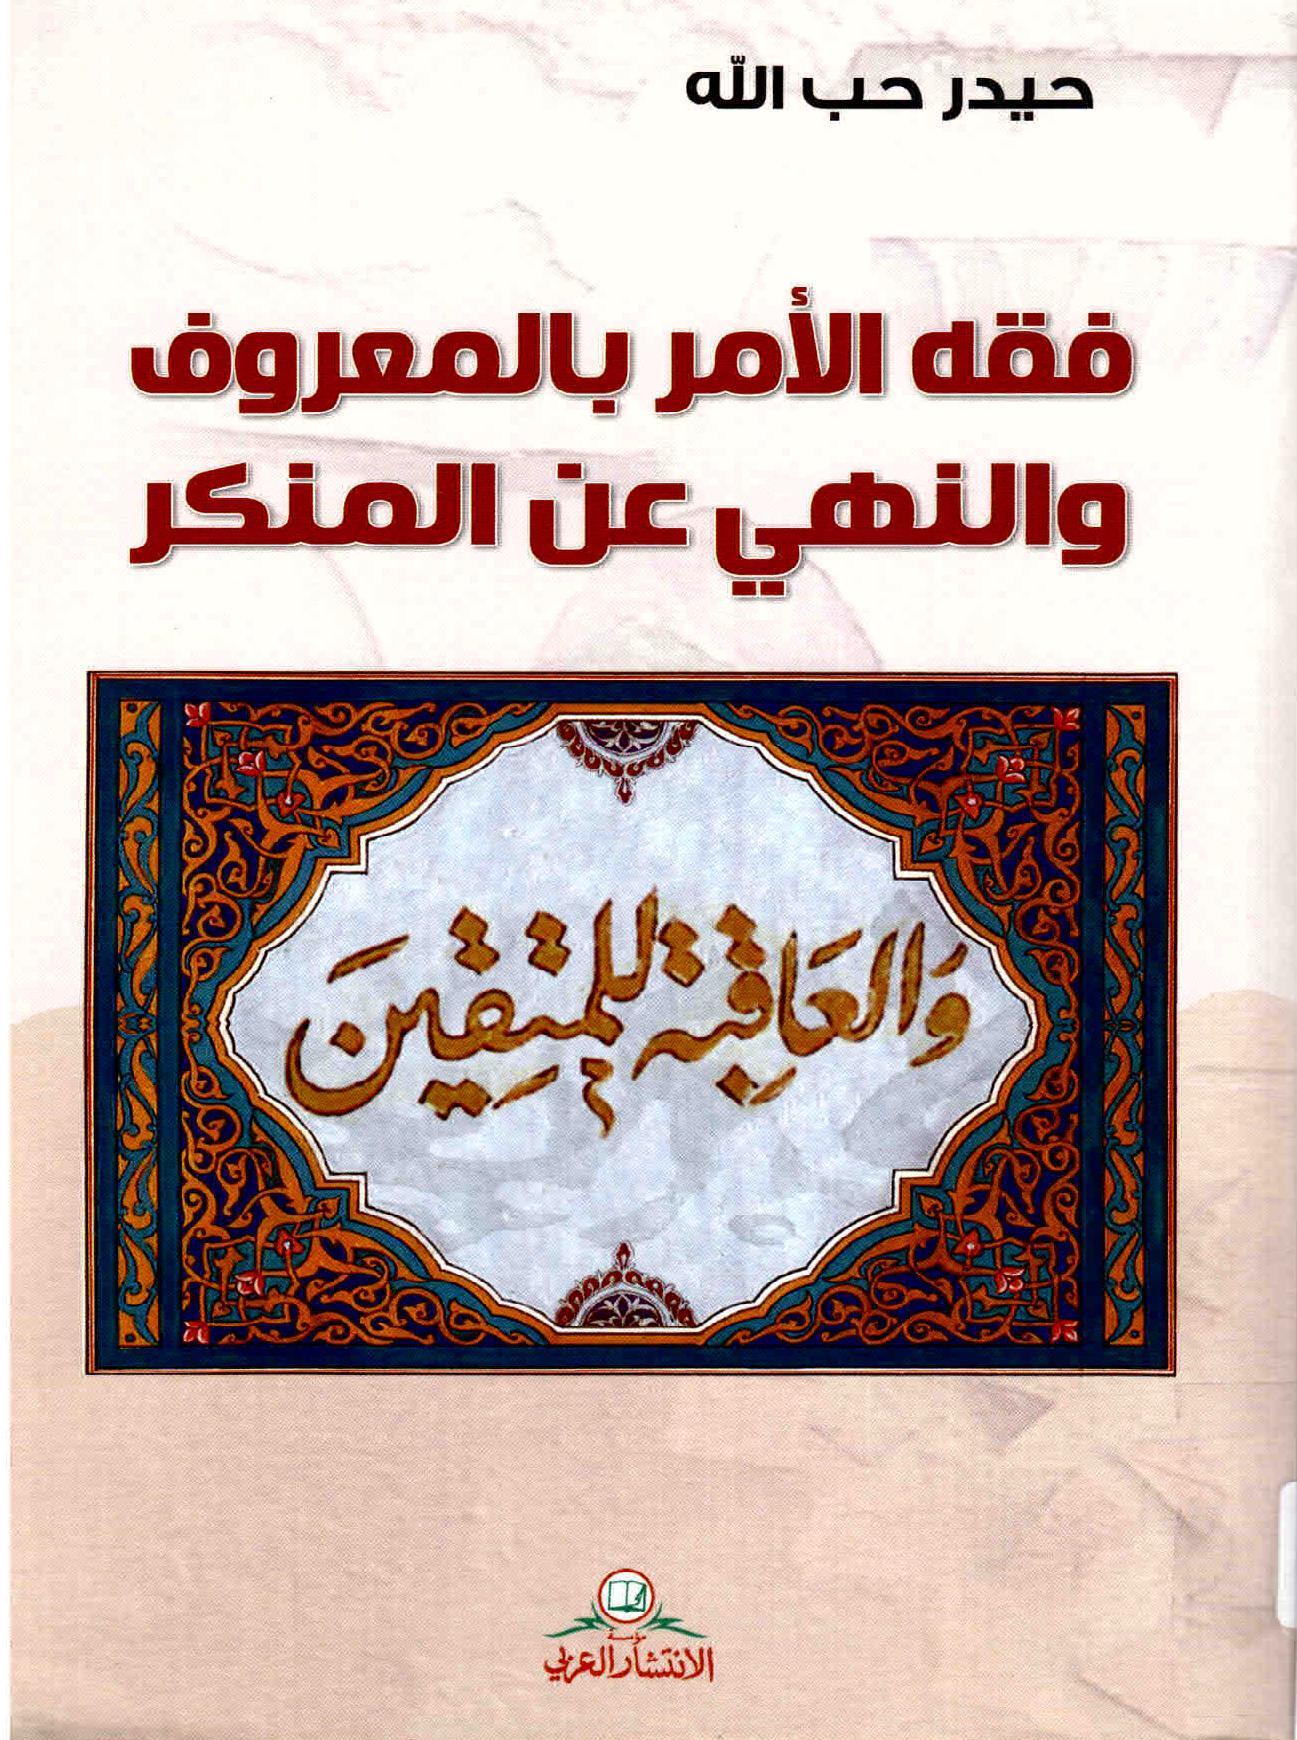 غلاف كتاب فقه الأمر بالمعروف والنهي عن المنكر